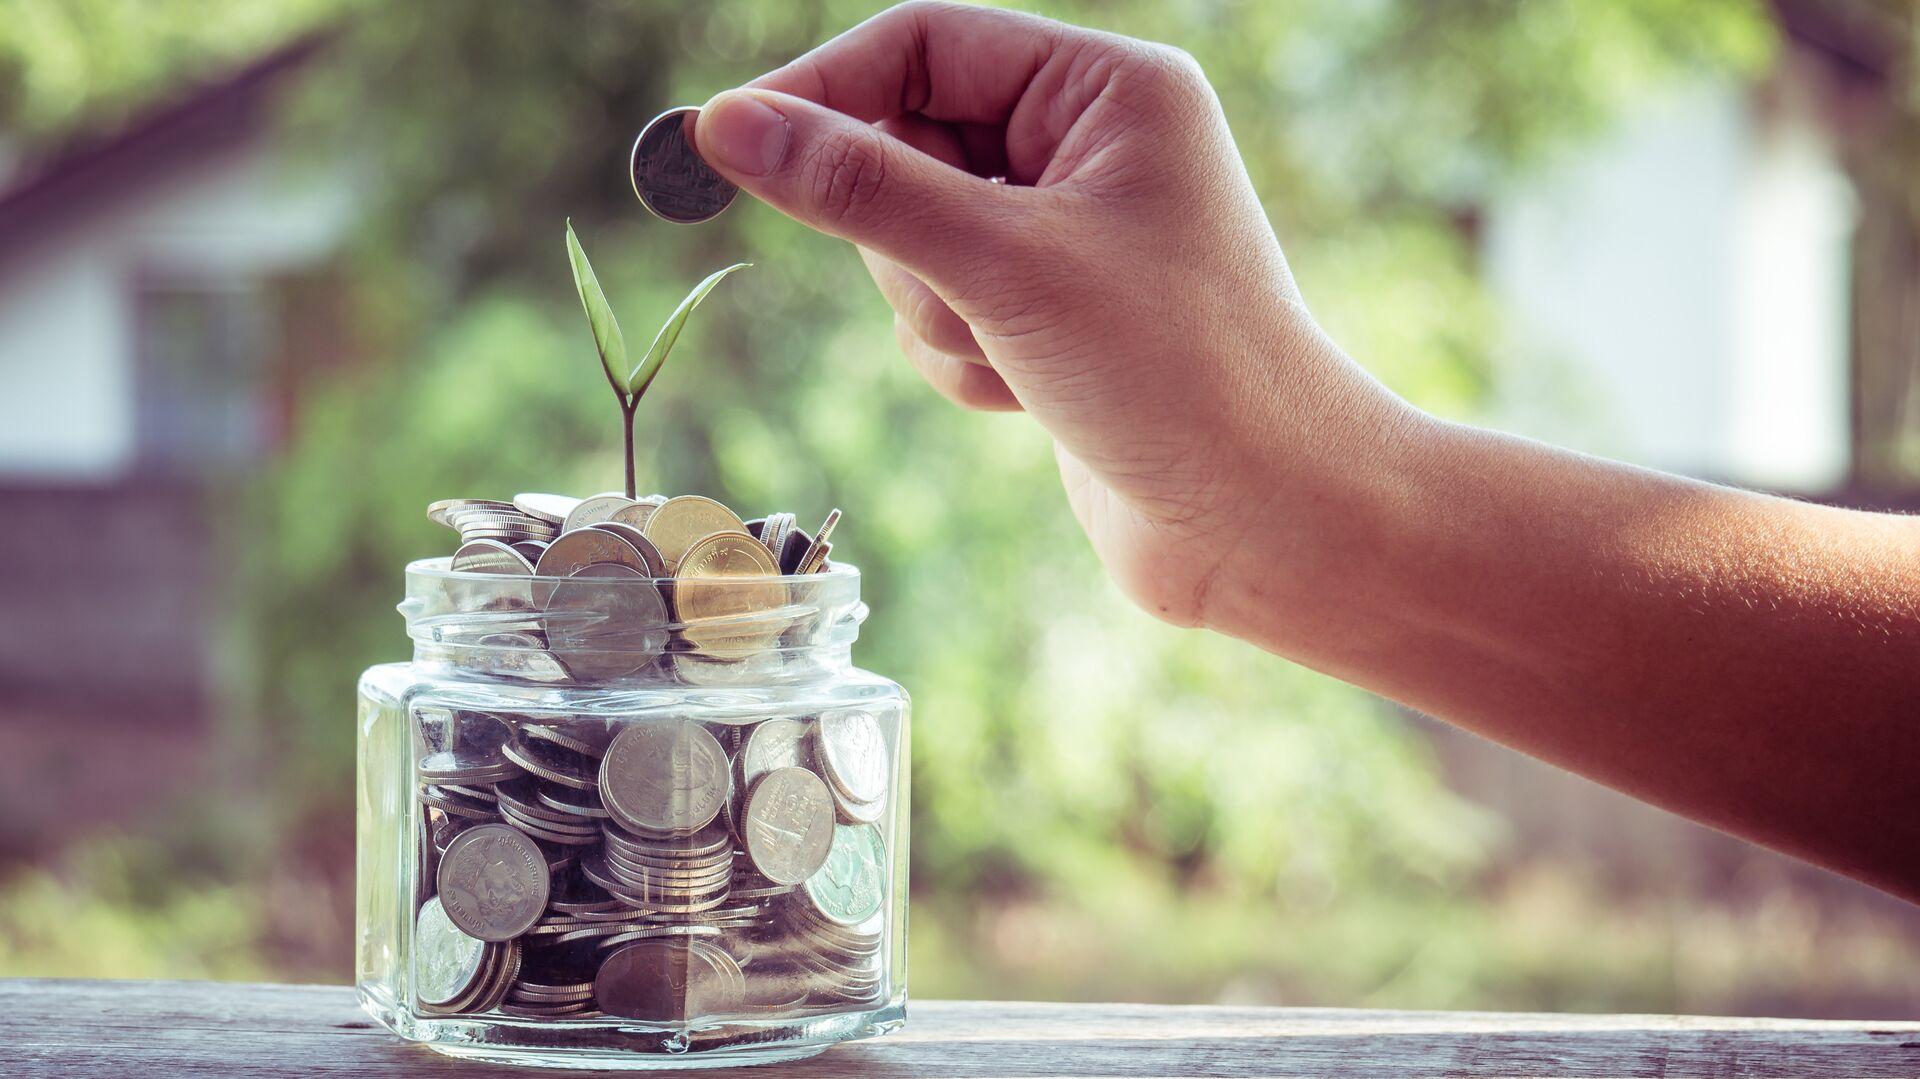 Аналитик рассказал, как защитить и преумножить сбережения в рублях